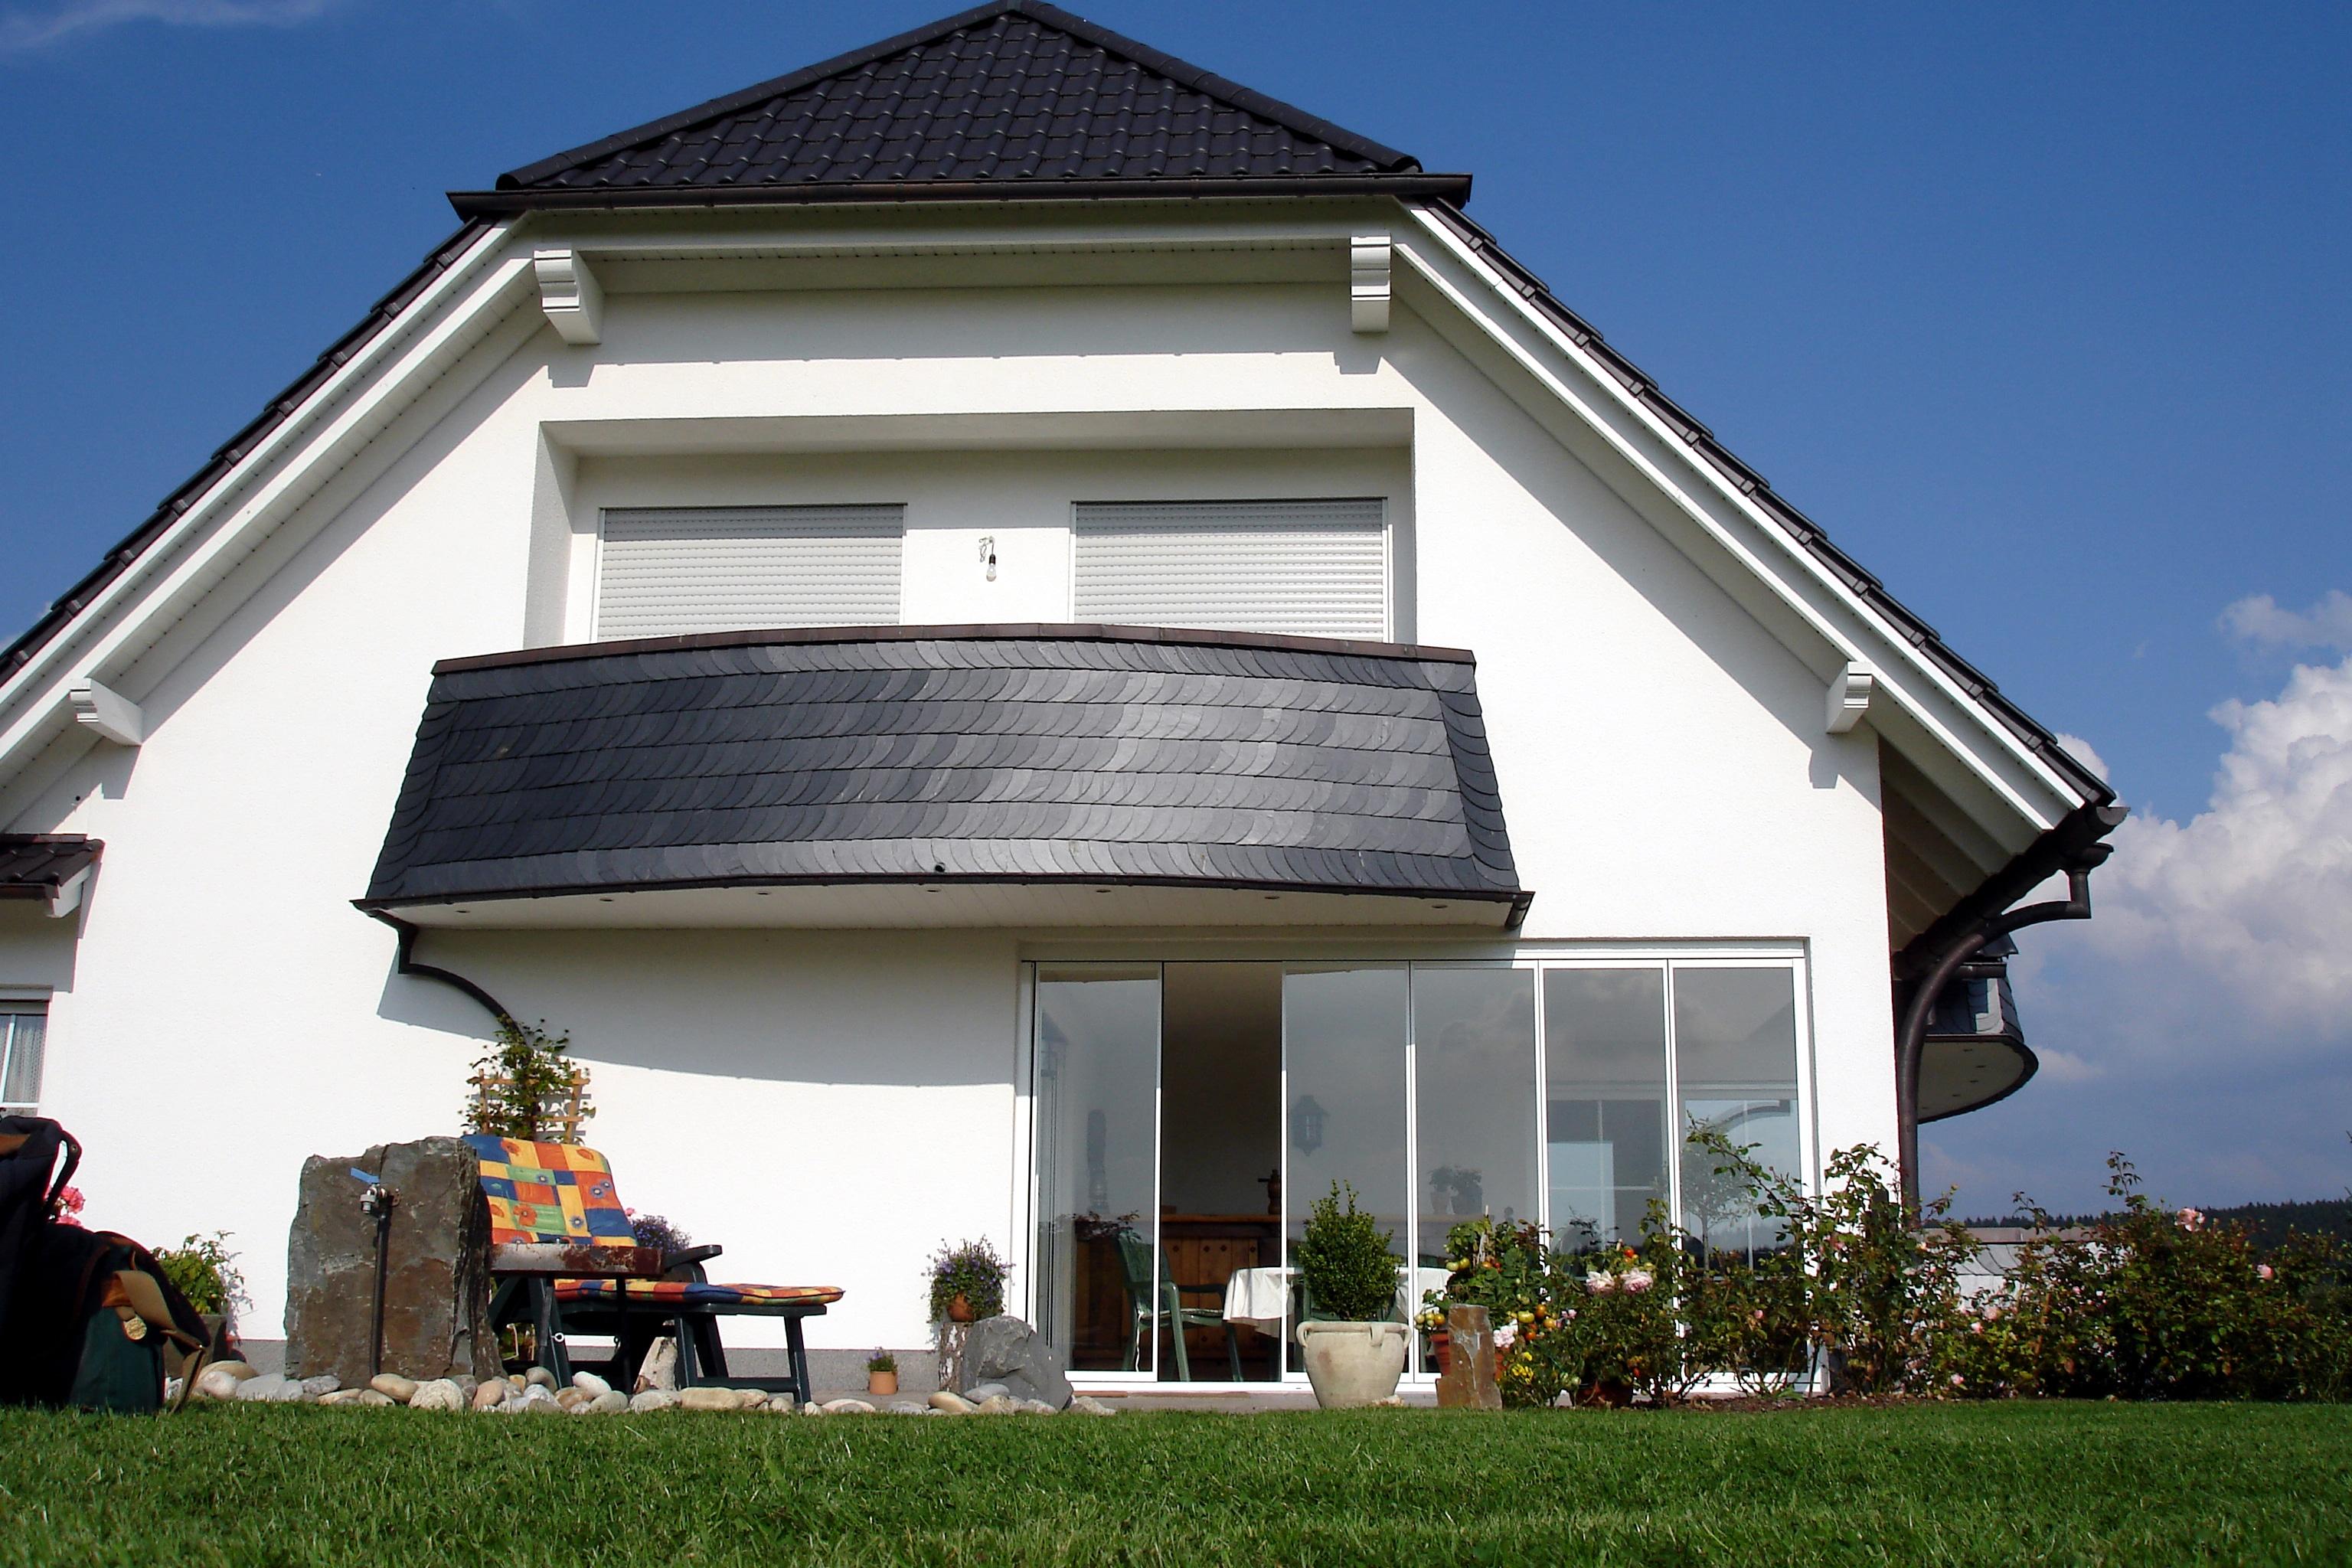 Terrasse vor stärkerem Wind schützen